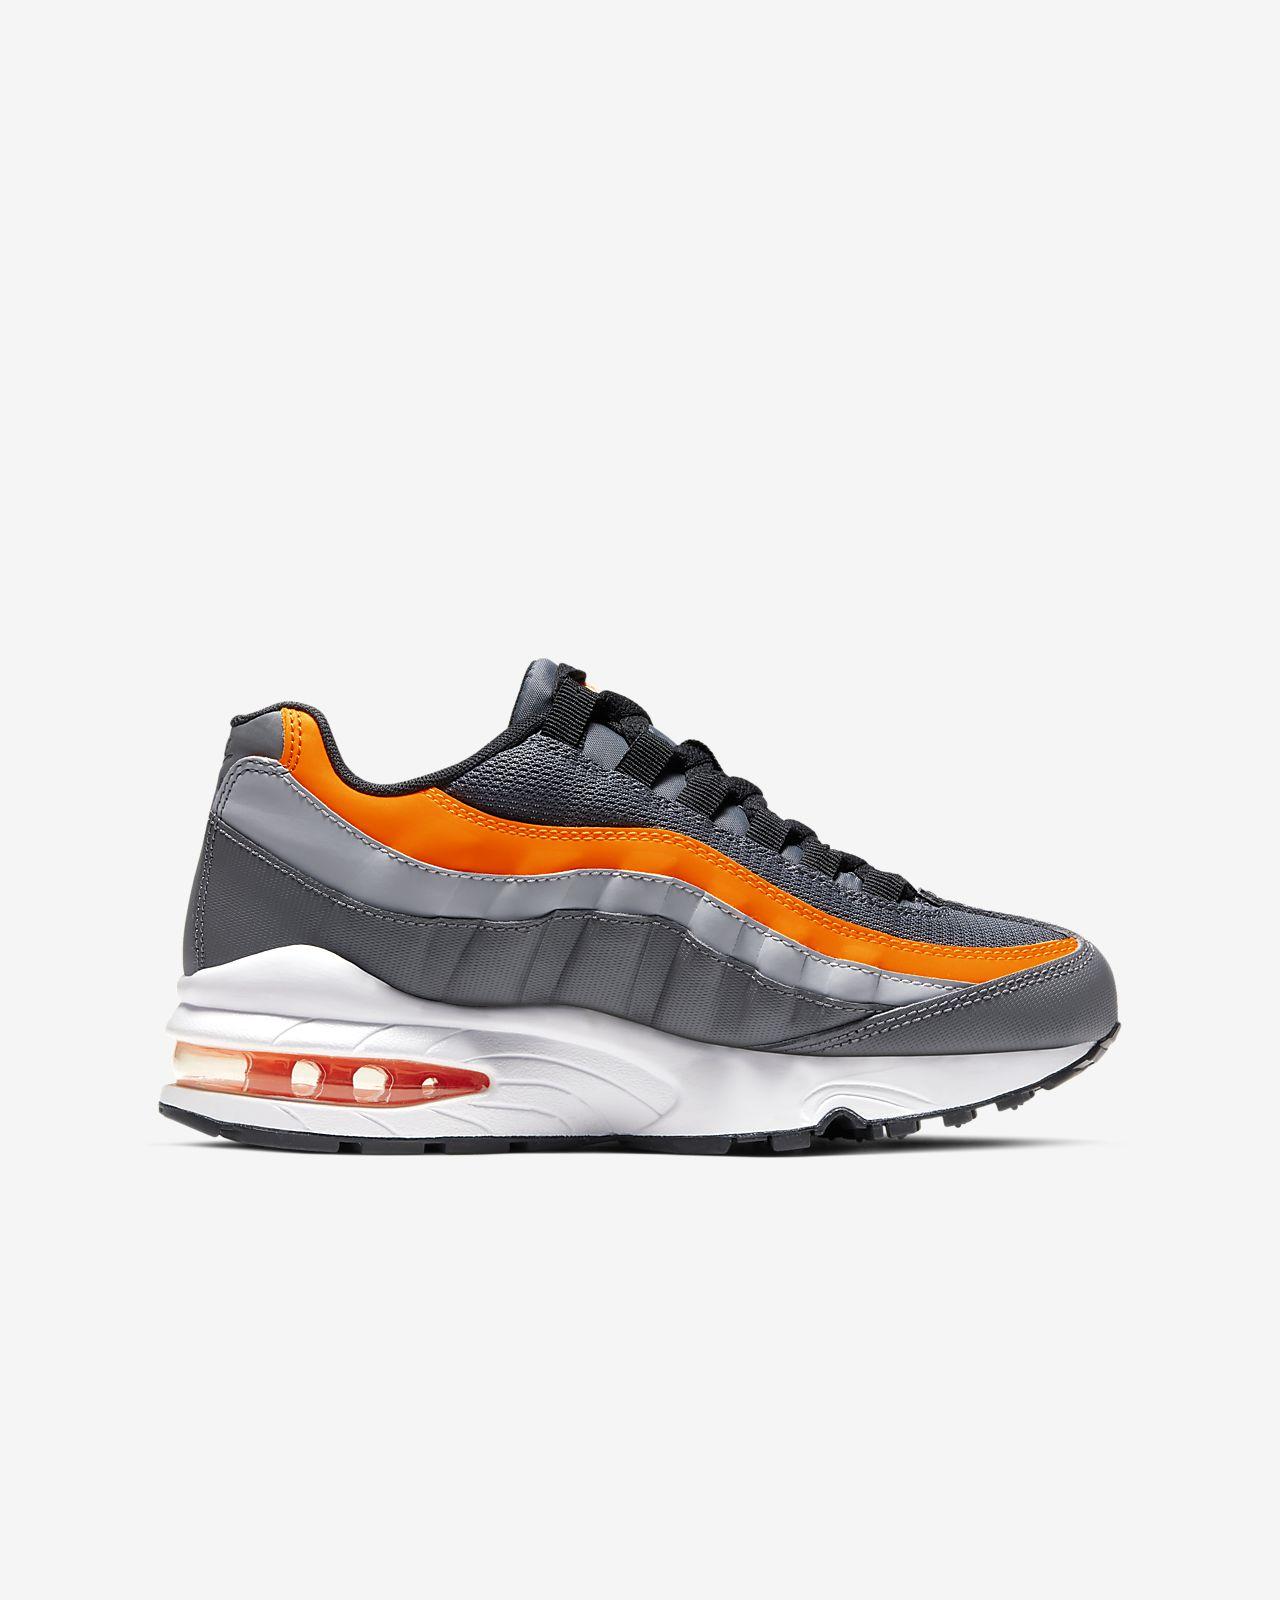 nike air max 95 buty dla malych